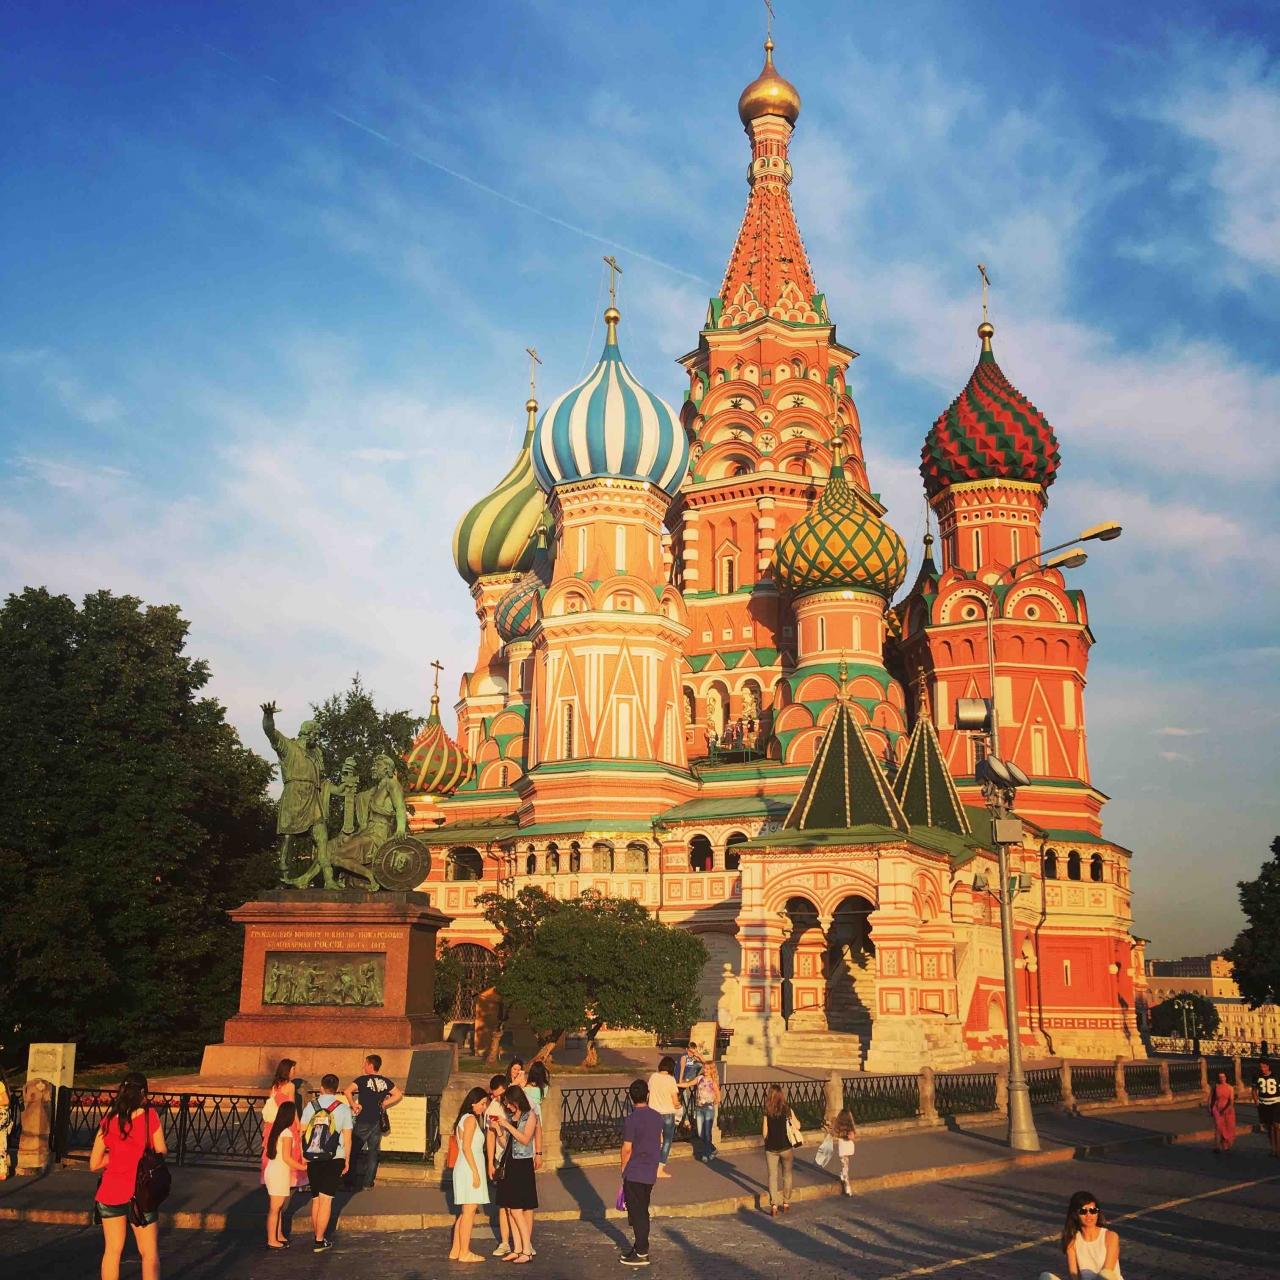 クレムリン 赤の広場に チャイニーズ』モスクワ(ロシア)の旅行記 ...